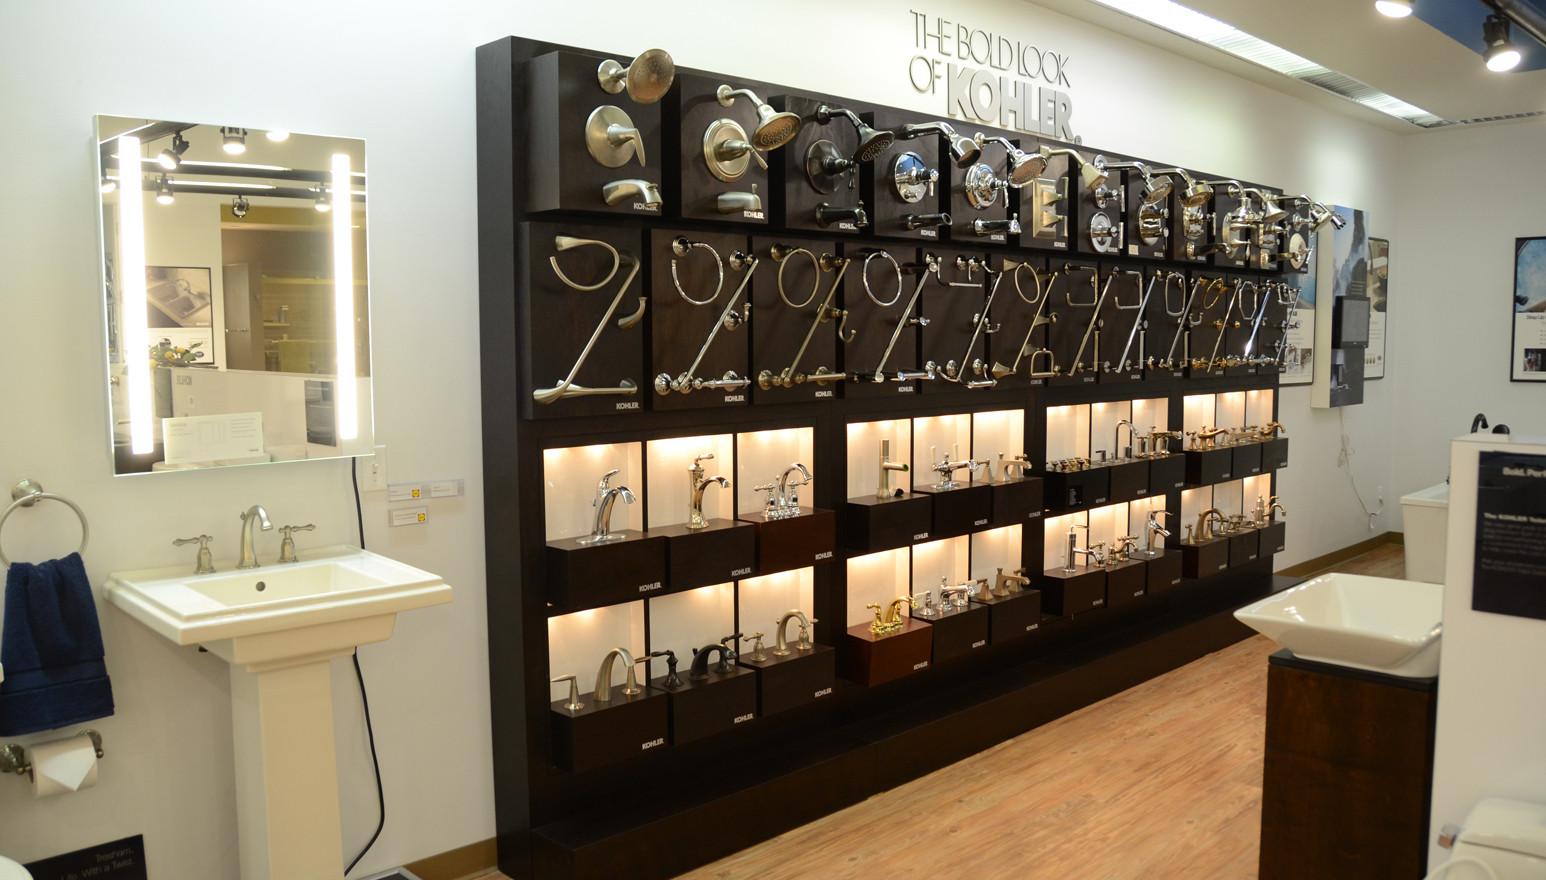 Kohler Displays